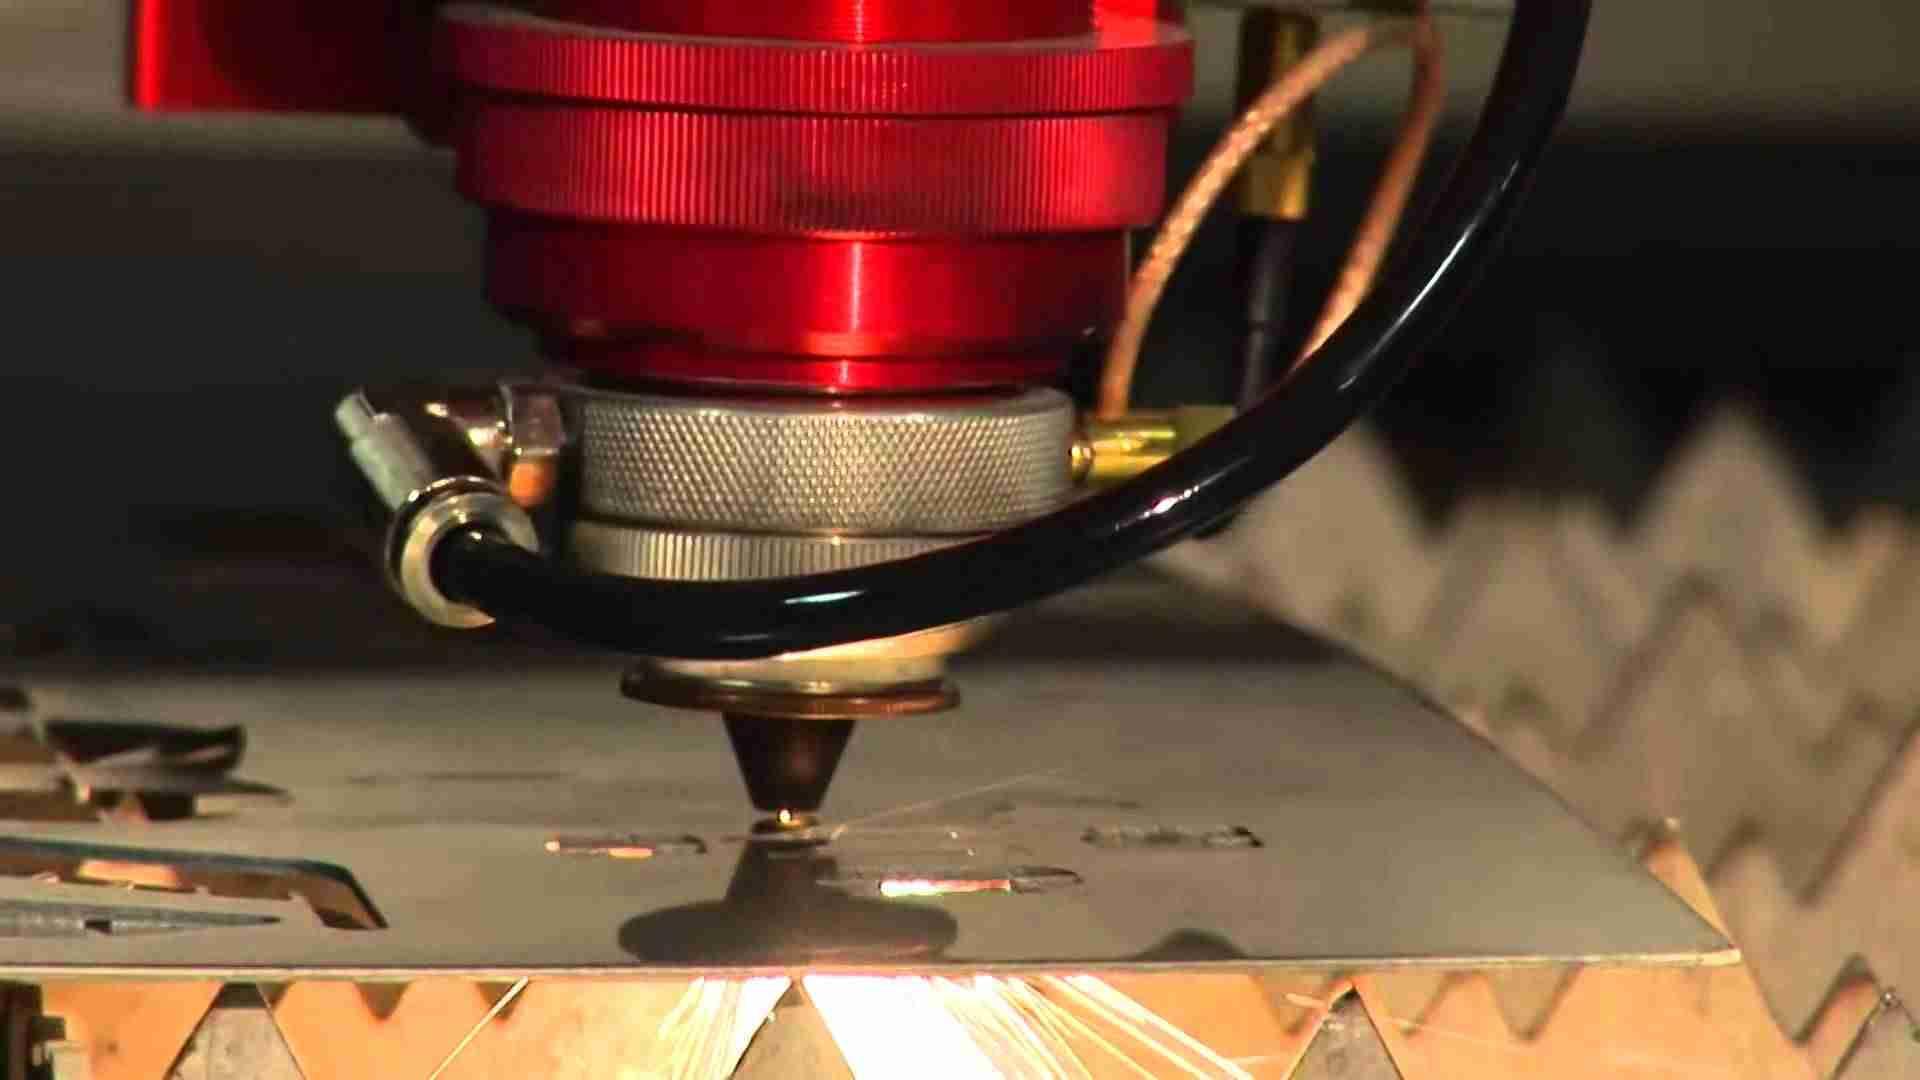 laser cutting an aluminum sheet